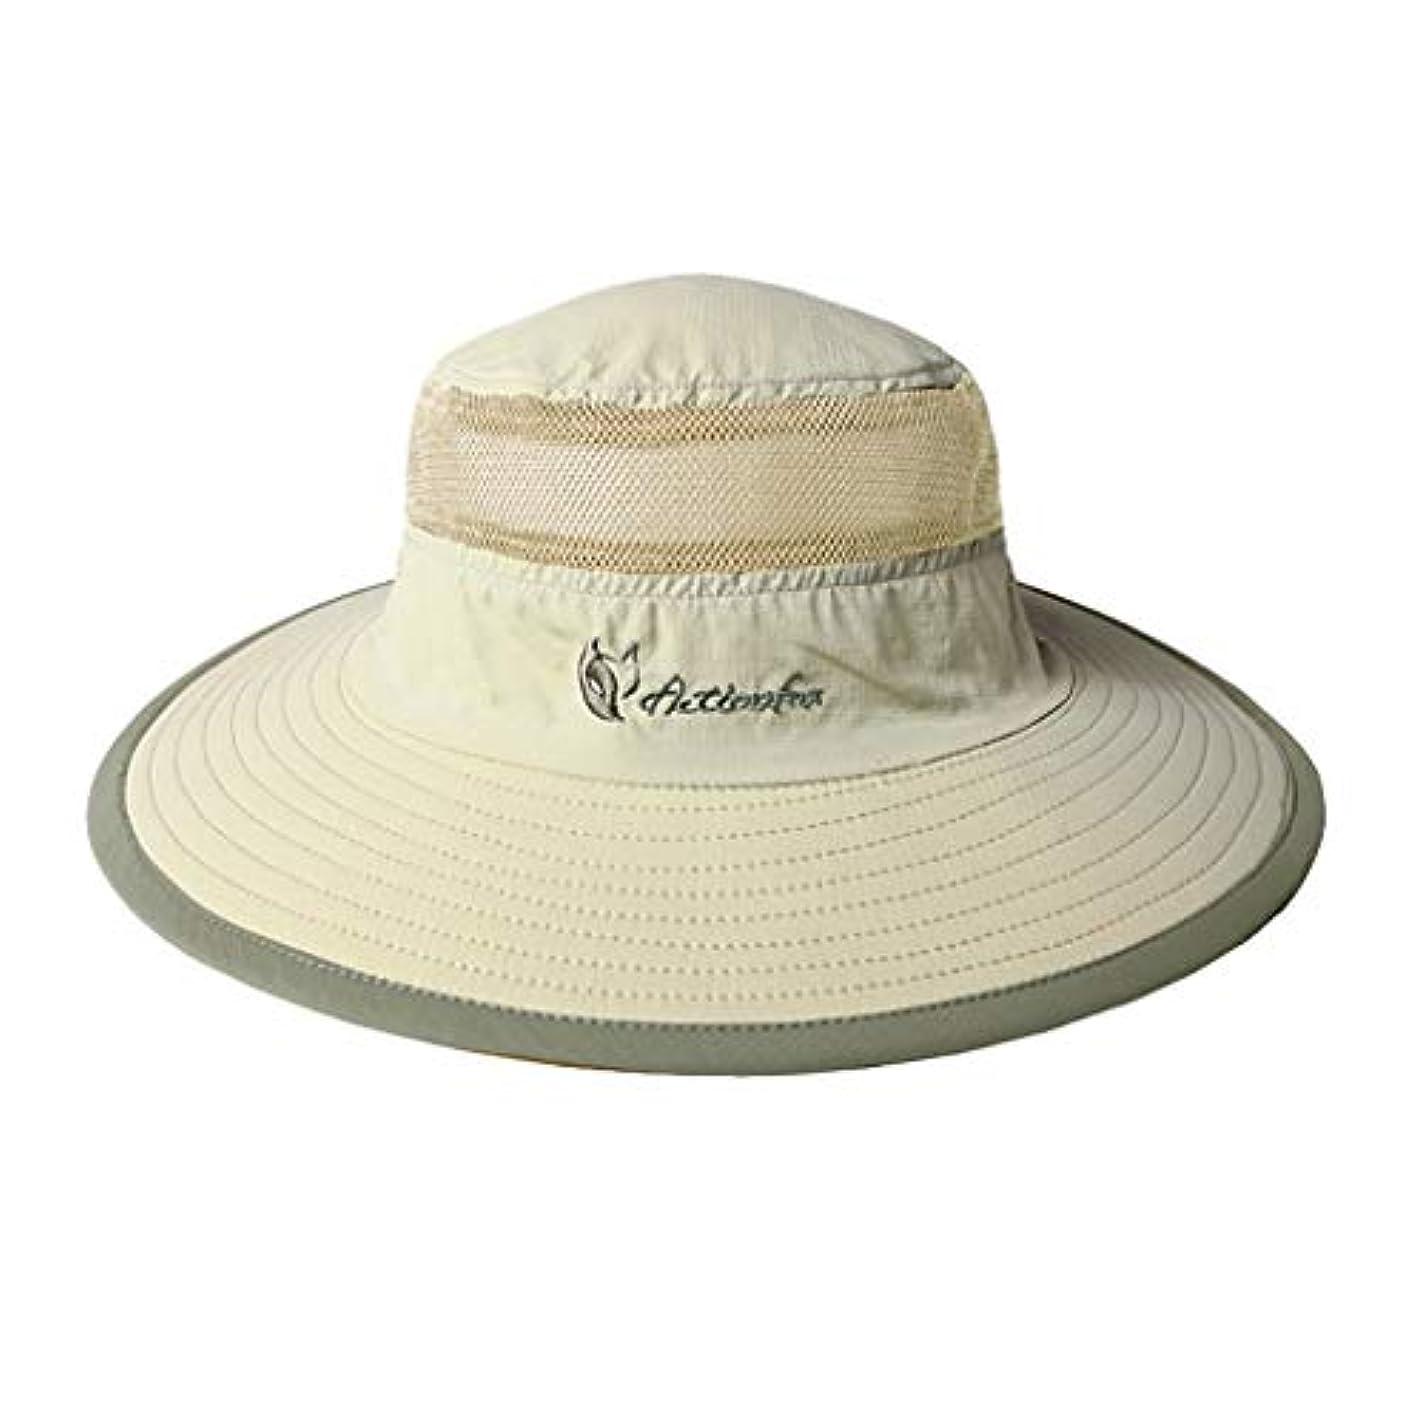 農業の委託結び目日焼け止めの漁師の帽子男性プラス長い洗面器の帽子速乾性の生地日焼け止めの水分吸湿発散頭の周囲 (Color : B)